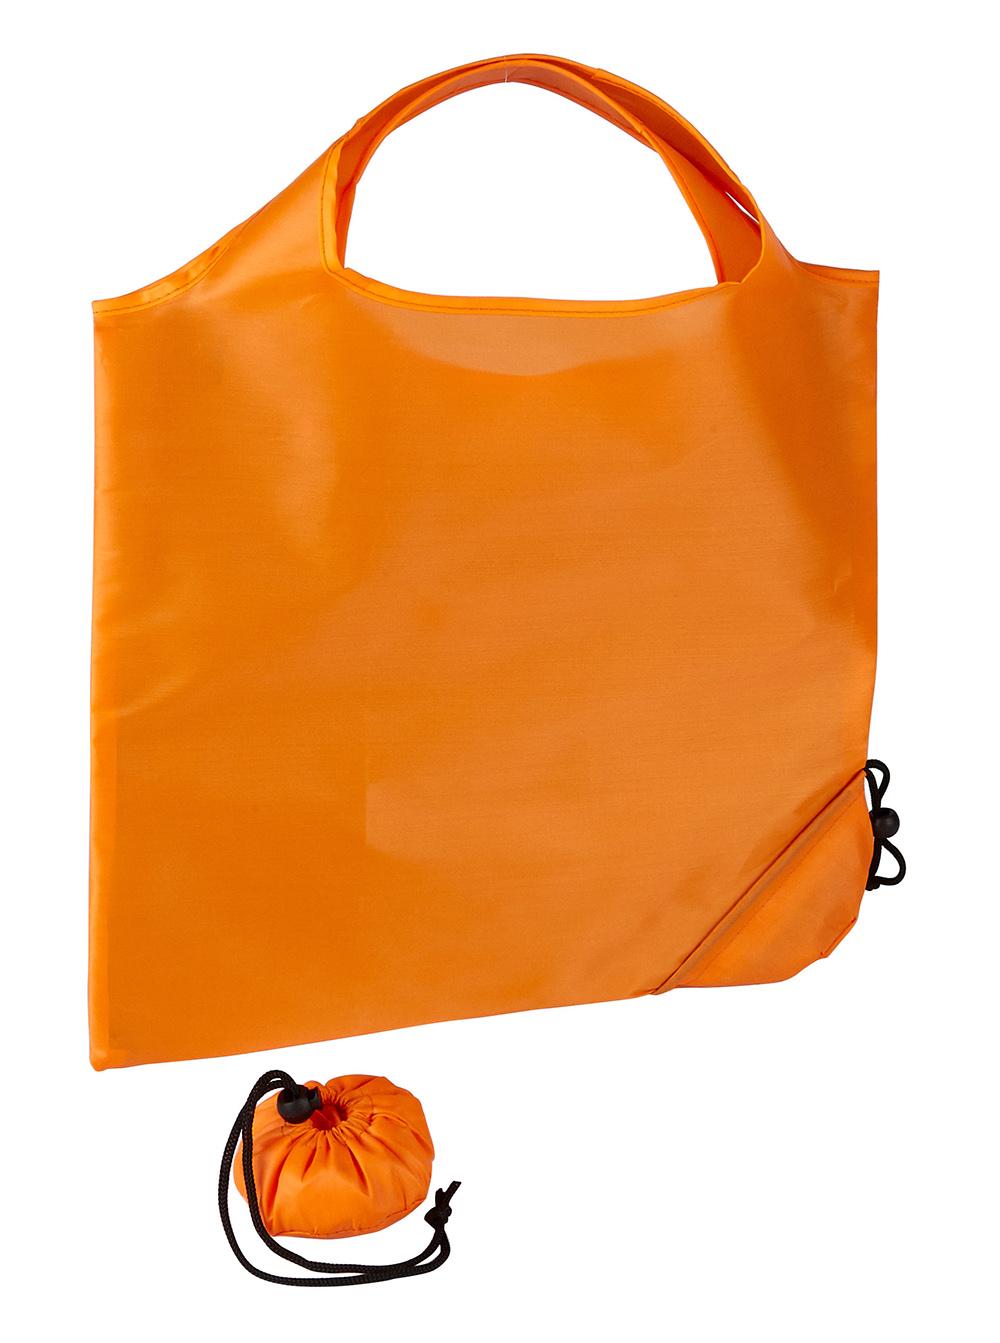 Small Triumph 45 Orange Bag